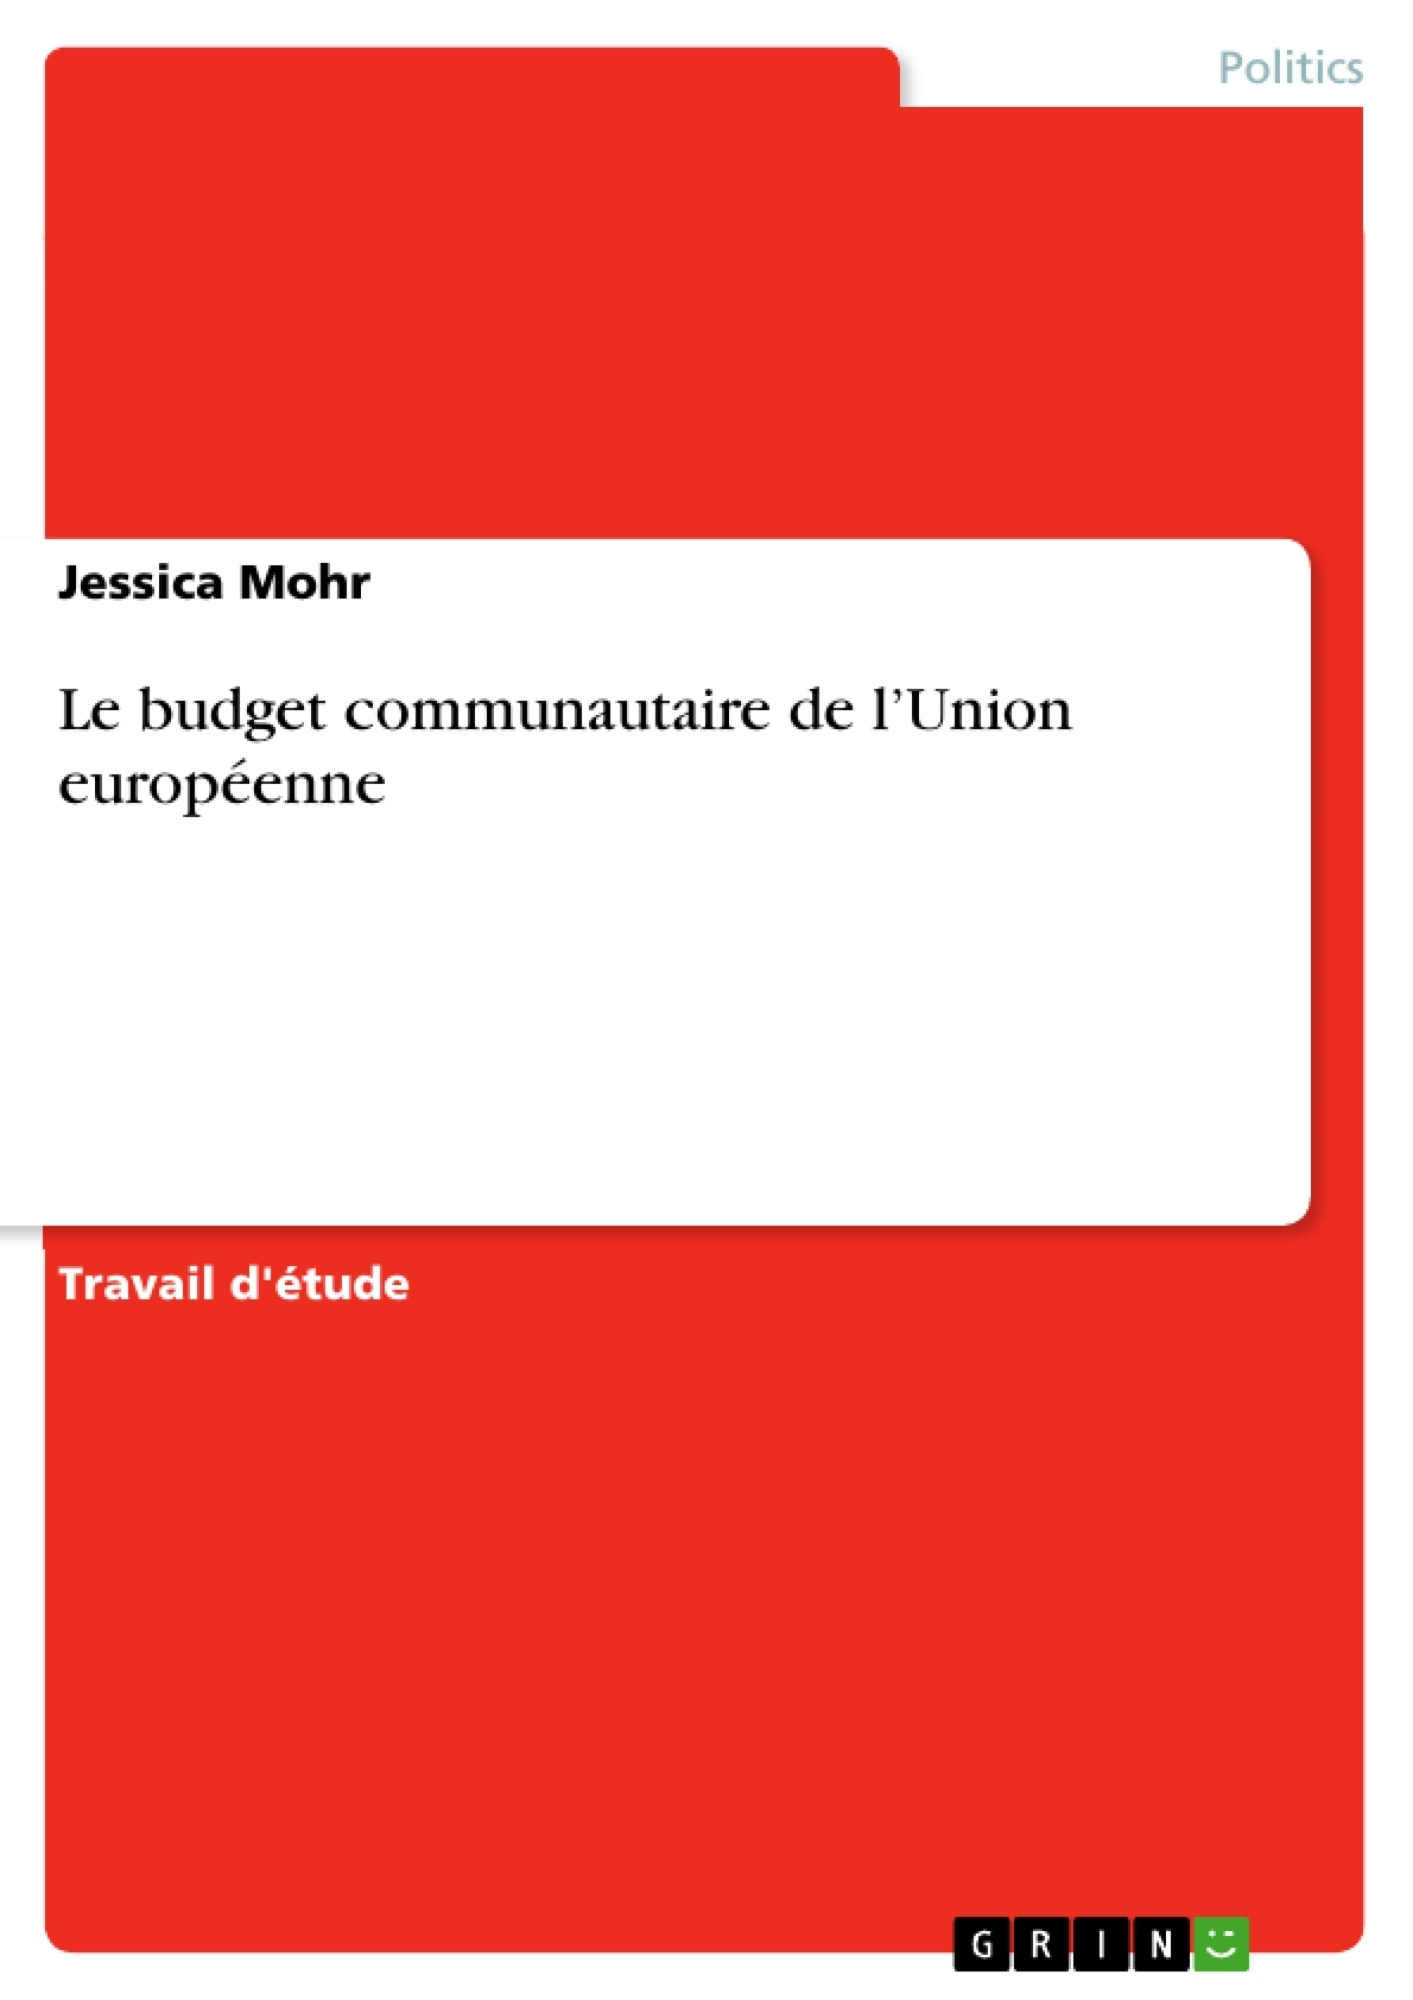 Titre: Le budget communautaire de l'Union européenne